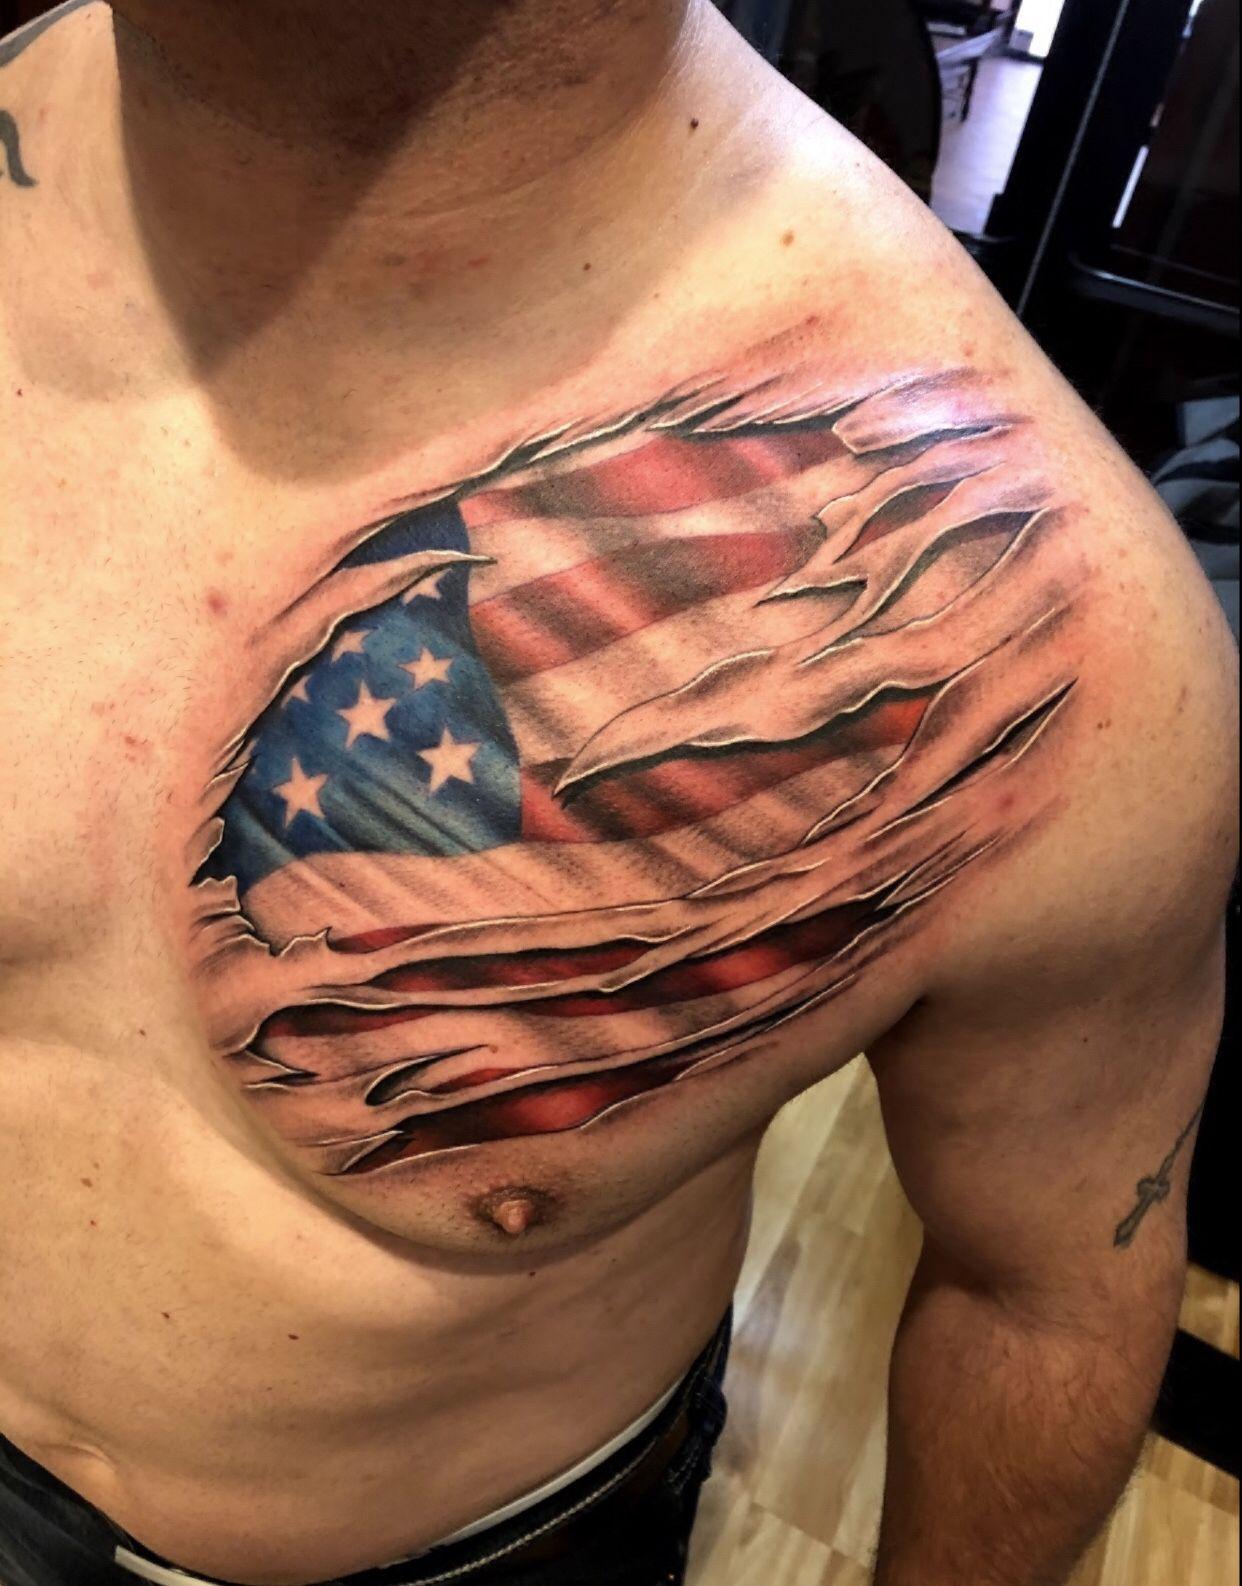 American Flag Tattoo Ripped Skin Tattoo Chest Tattoo Men Skin Tear Tattoo